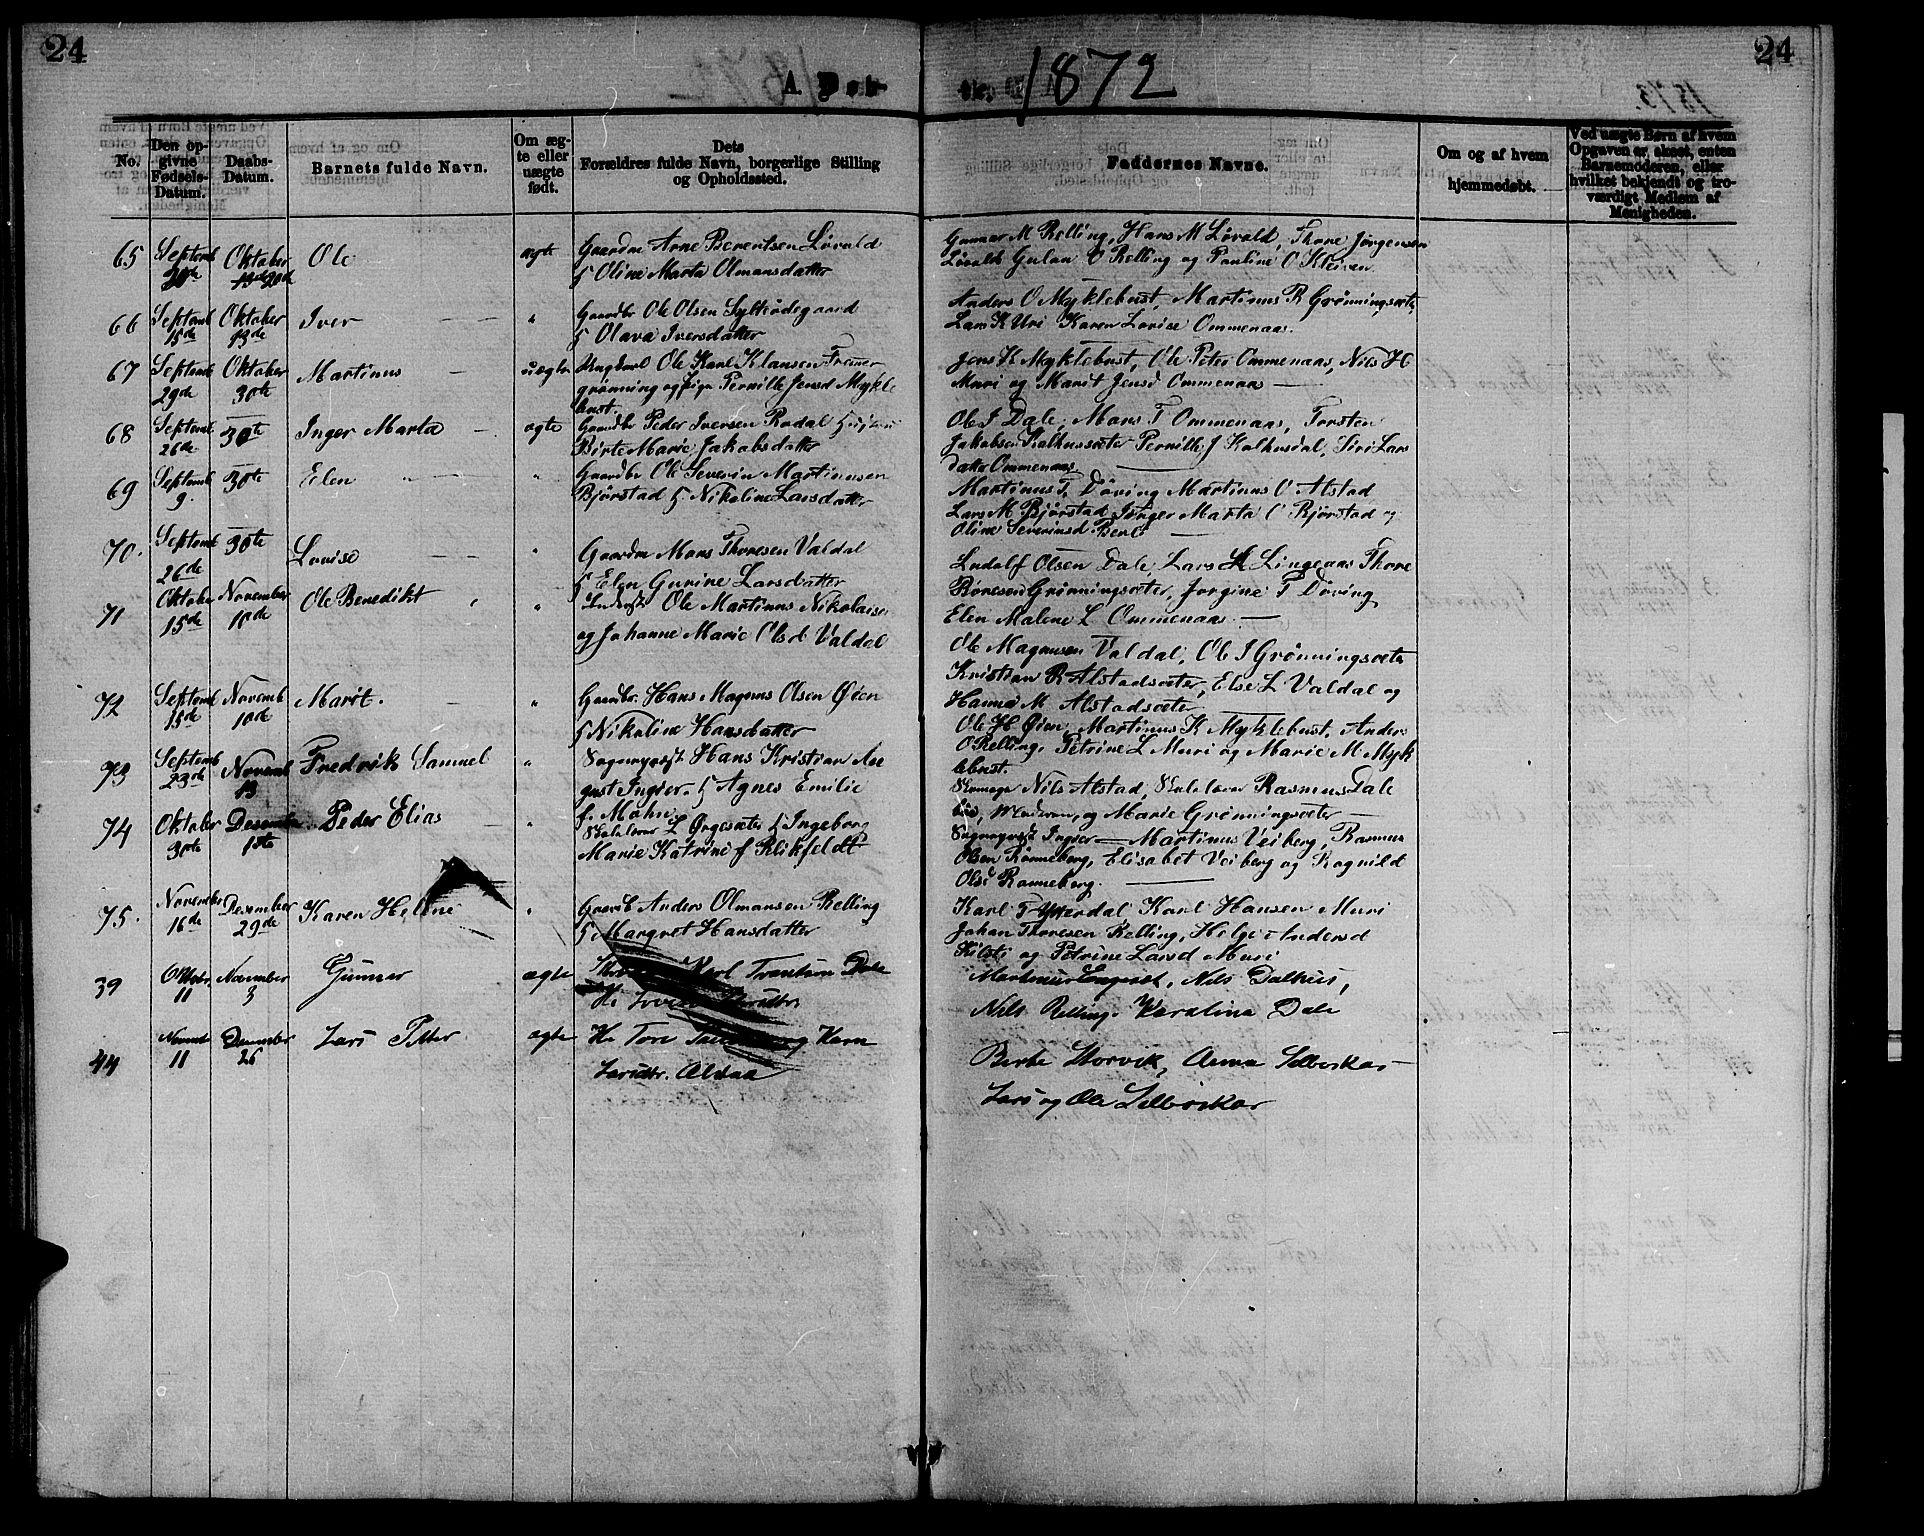 SAT, Ministerialprotokoller, klokkerbøker og fødselsregistre - Møre og Romsdal, 519/L0262: Klokkerbok nr. 519C03, 1866-1884, s. 24